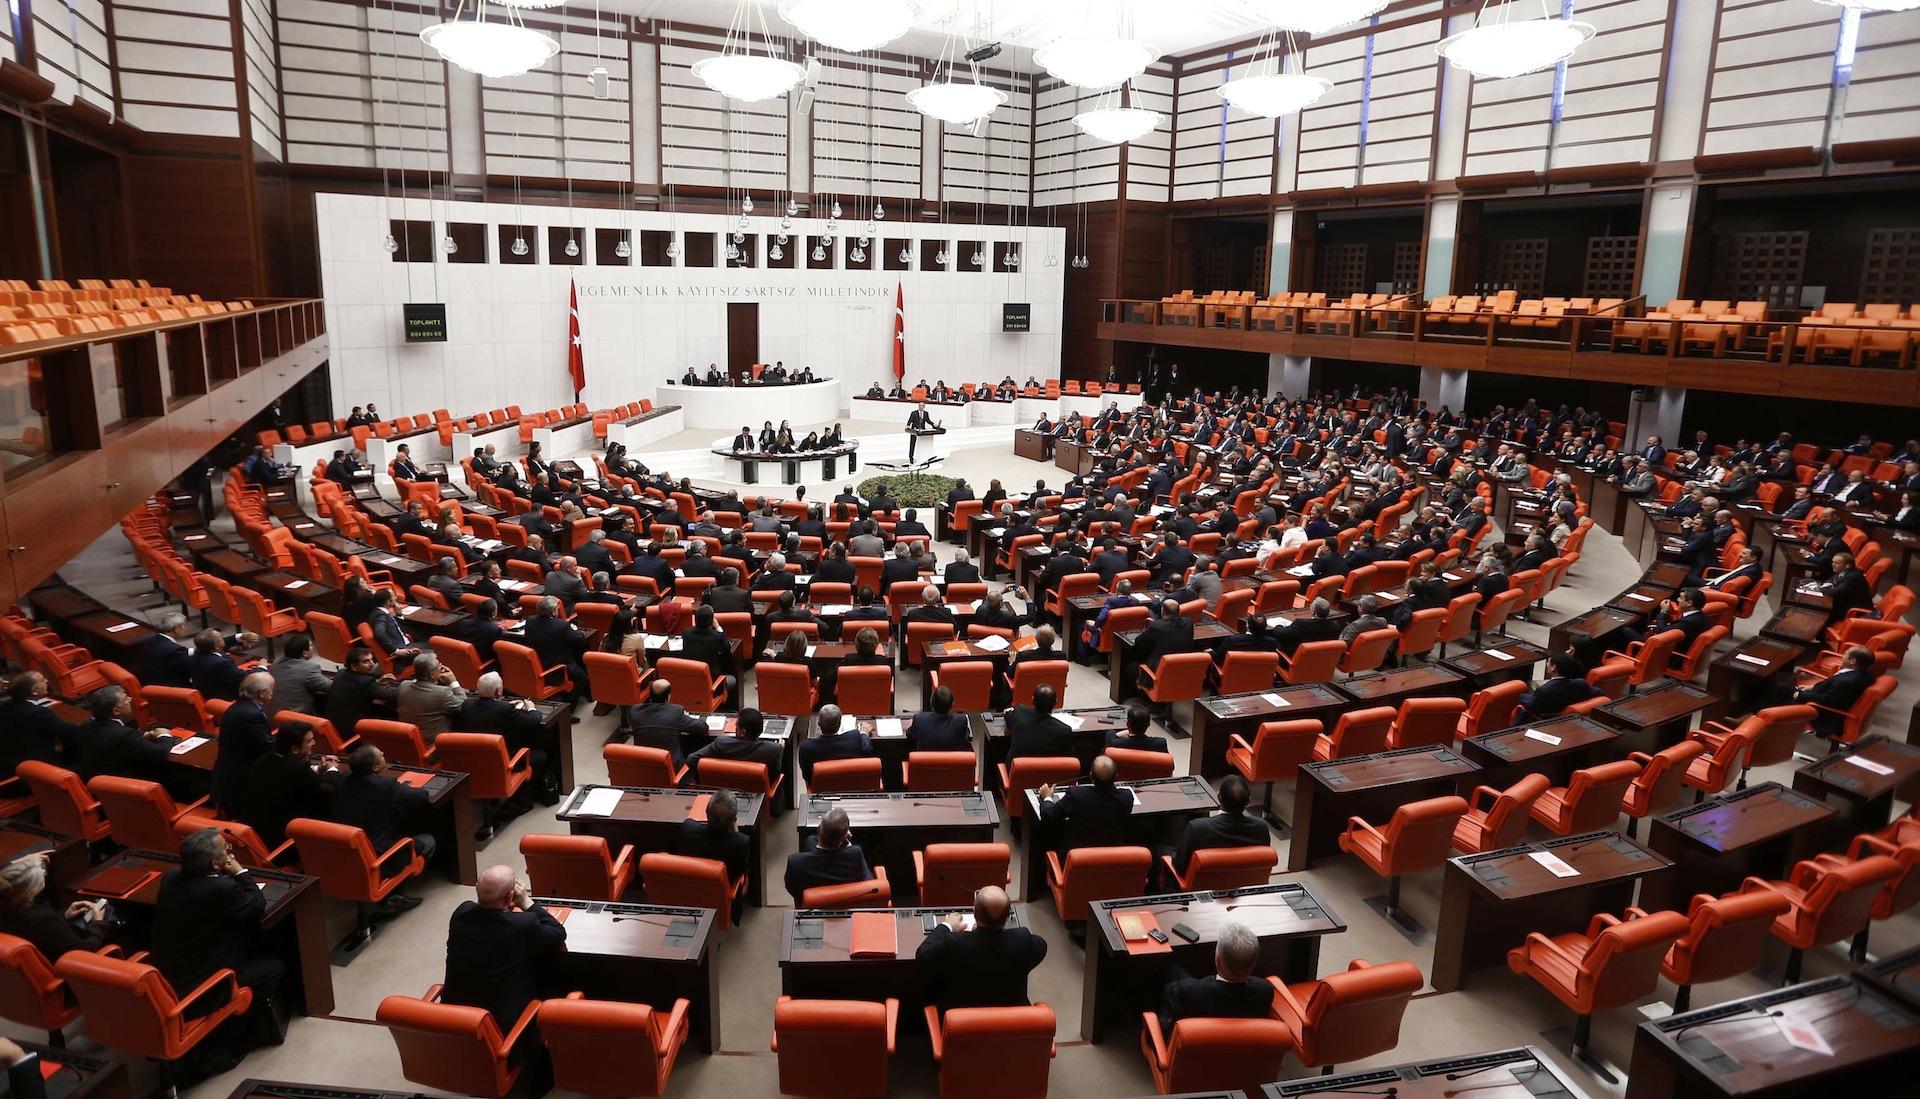 برلماني تركي: منع إسرائيل الصلاة بالأقصى اغتصاب لحرية الدين والعبادة